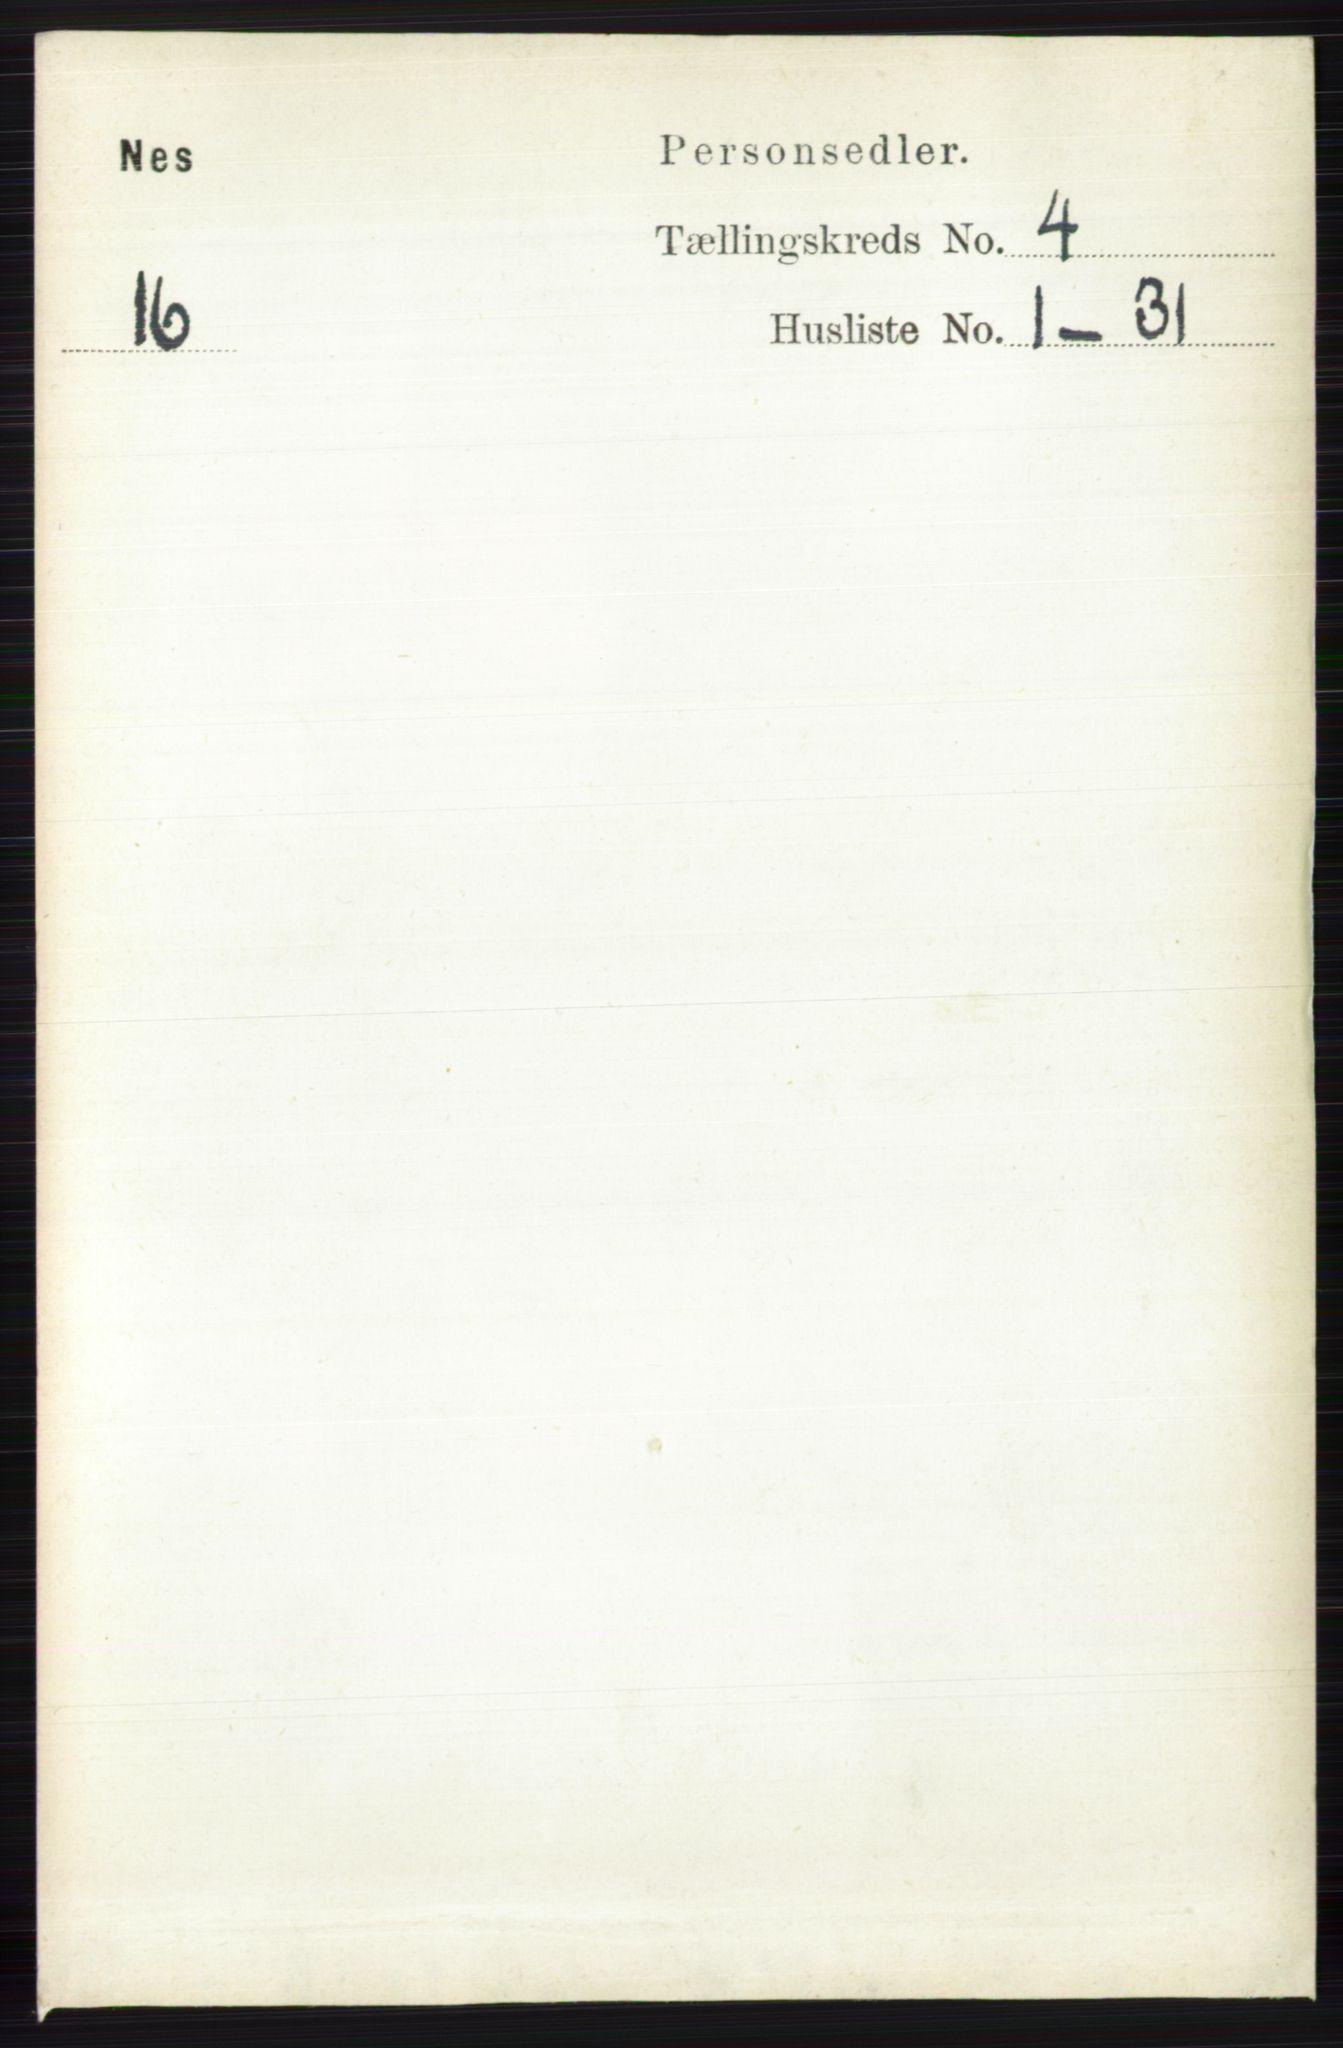 RA, Folketelling 1891 for 0616 Nes herred, 1891, s. 2112